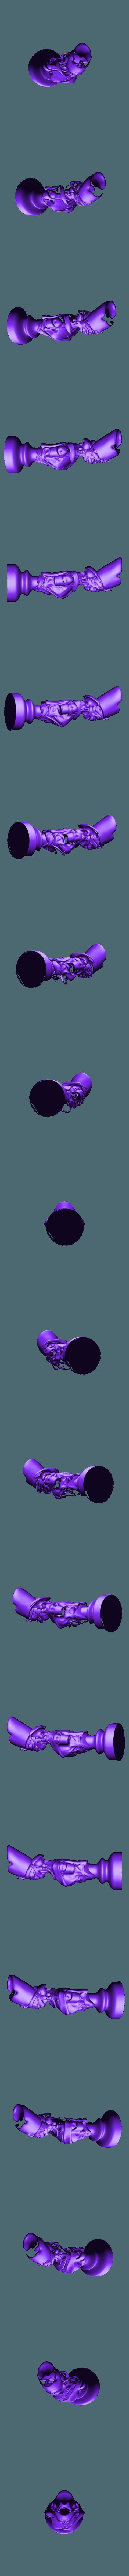 undead queen.stl Télécharger fichier STL gratuit Les échecs égyptiens : vivants ou morts • Modèle à imprimer en 3D, MartinHaurane